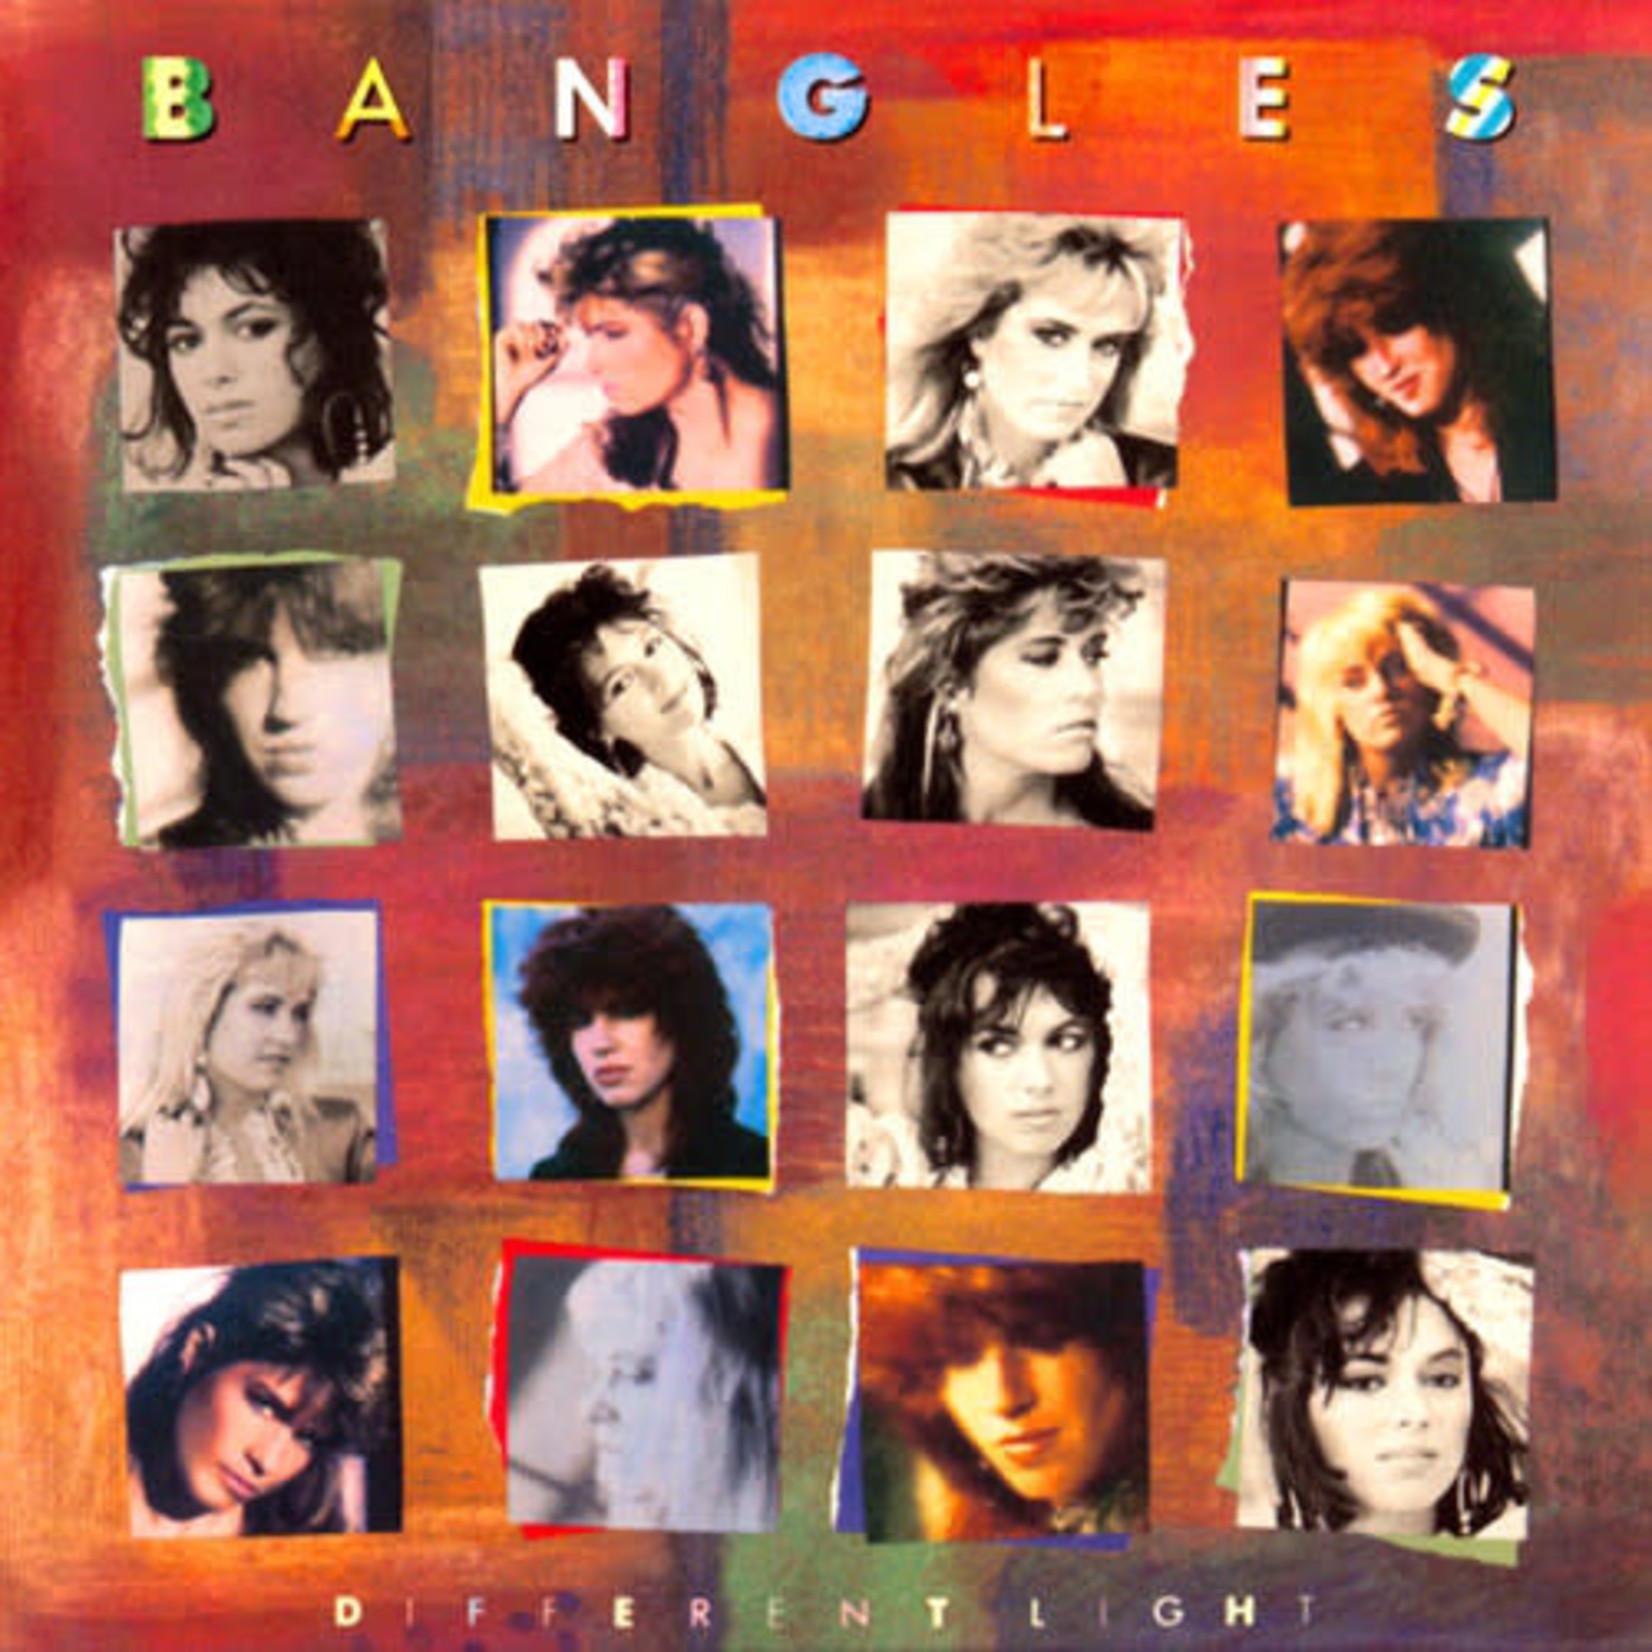 [Vintage] Bangles: Different Light